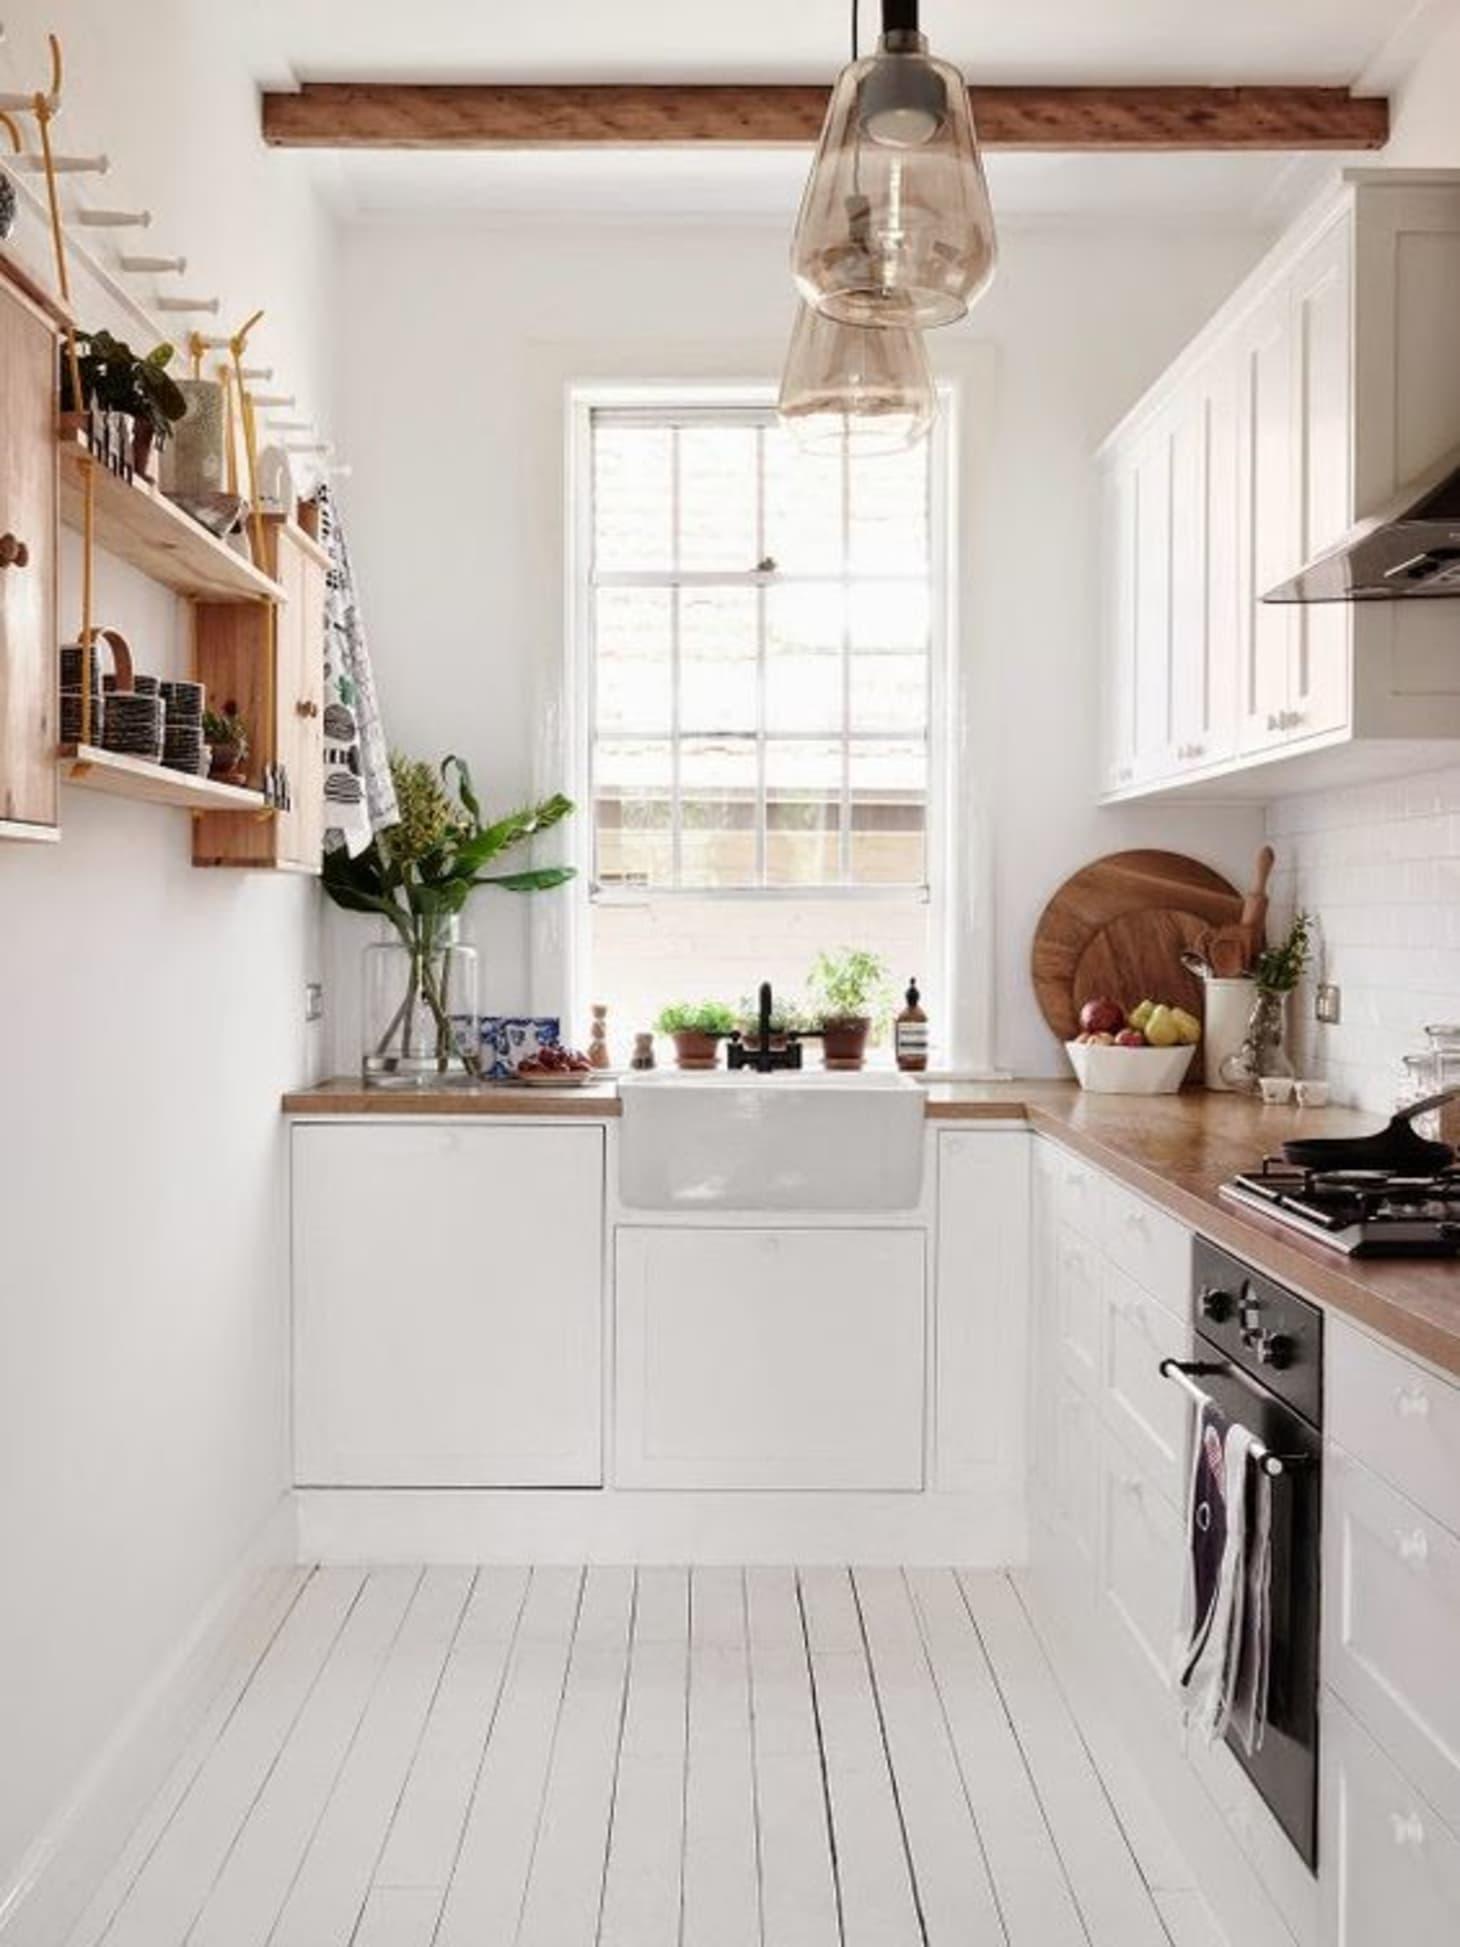 Galley Kitchen Inspiration - Design Decorating | Kitchn